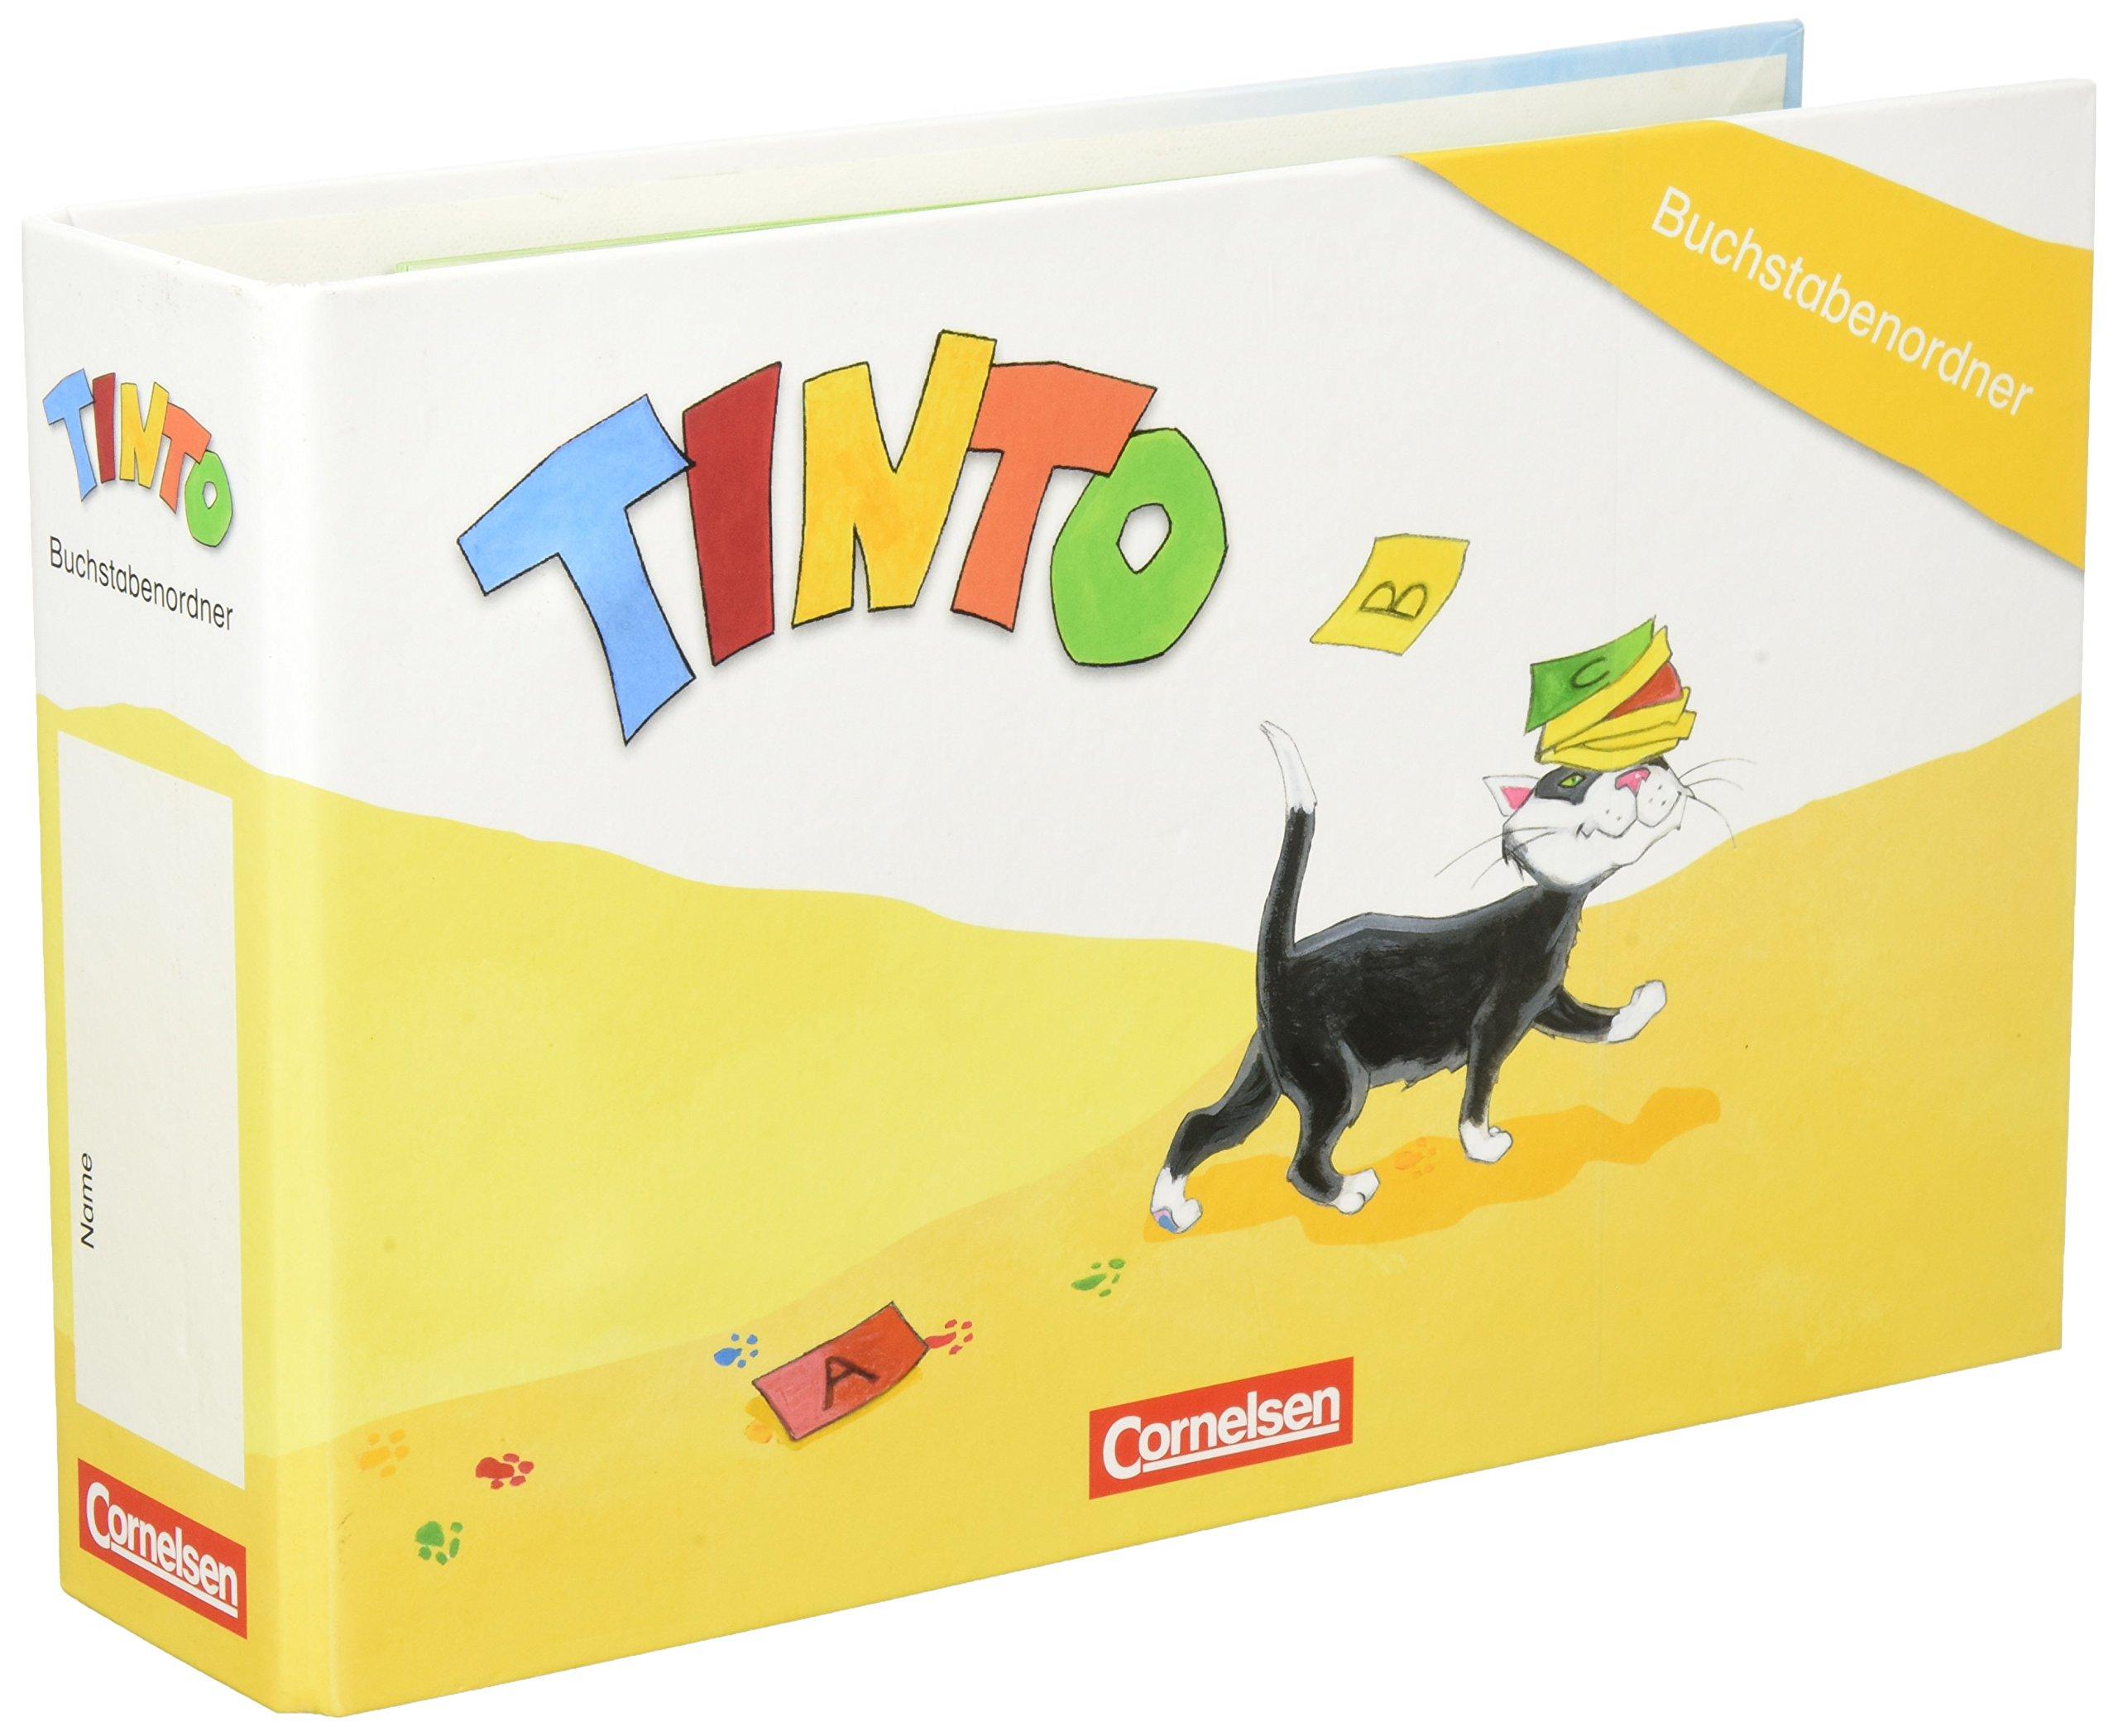 tinto-1-und-2-buchstabenordner-in-druckschrift